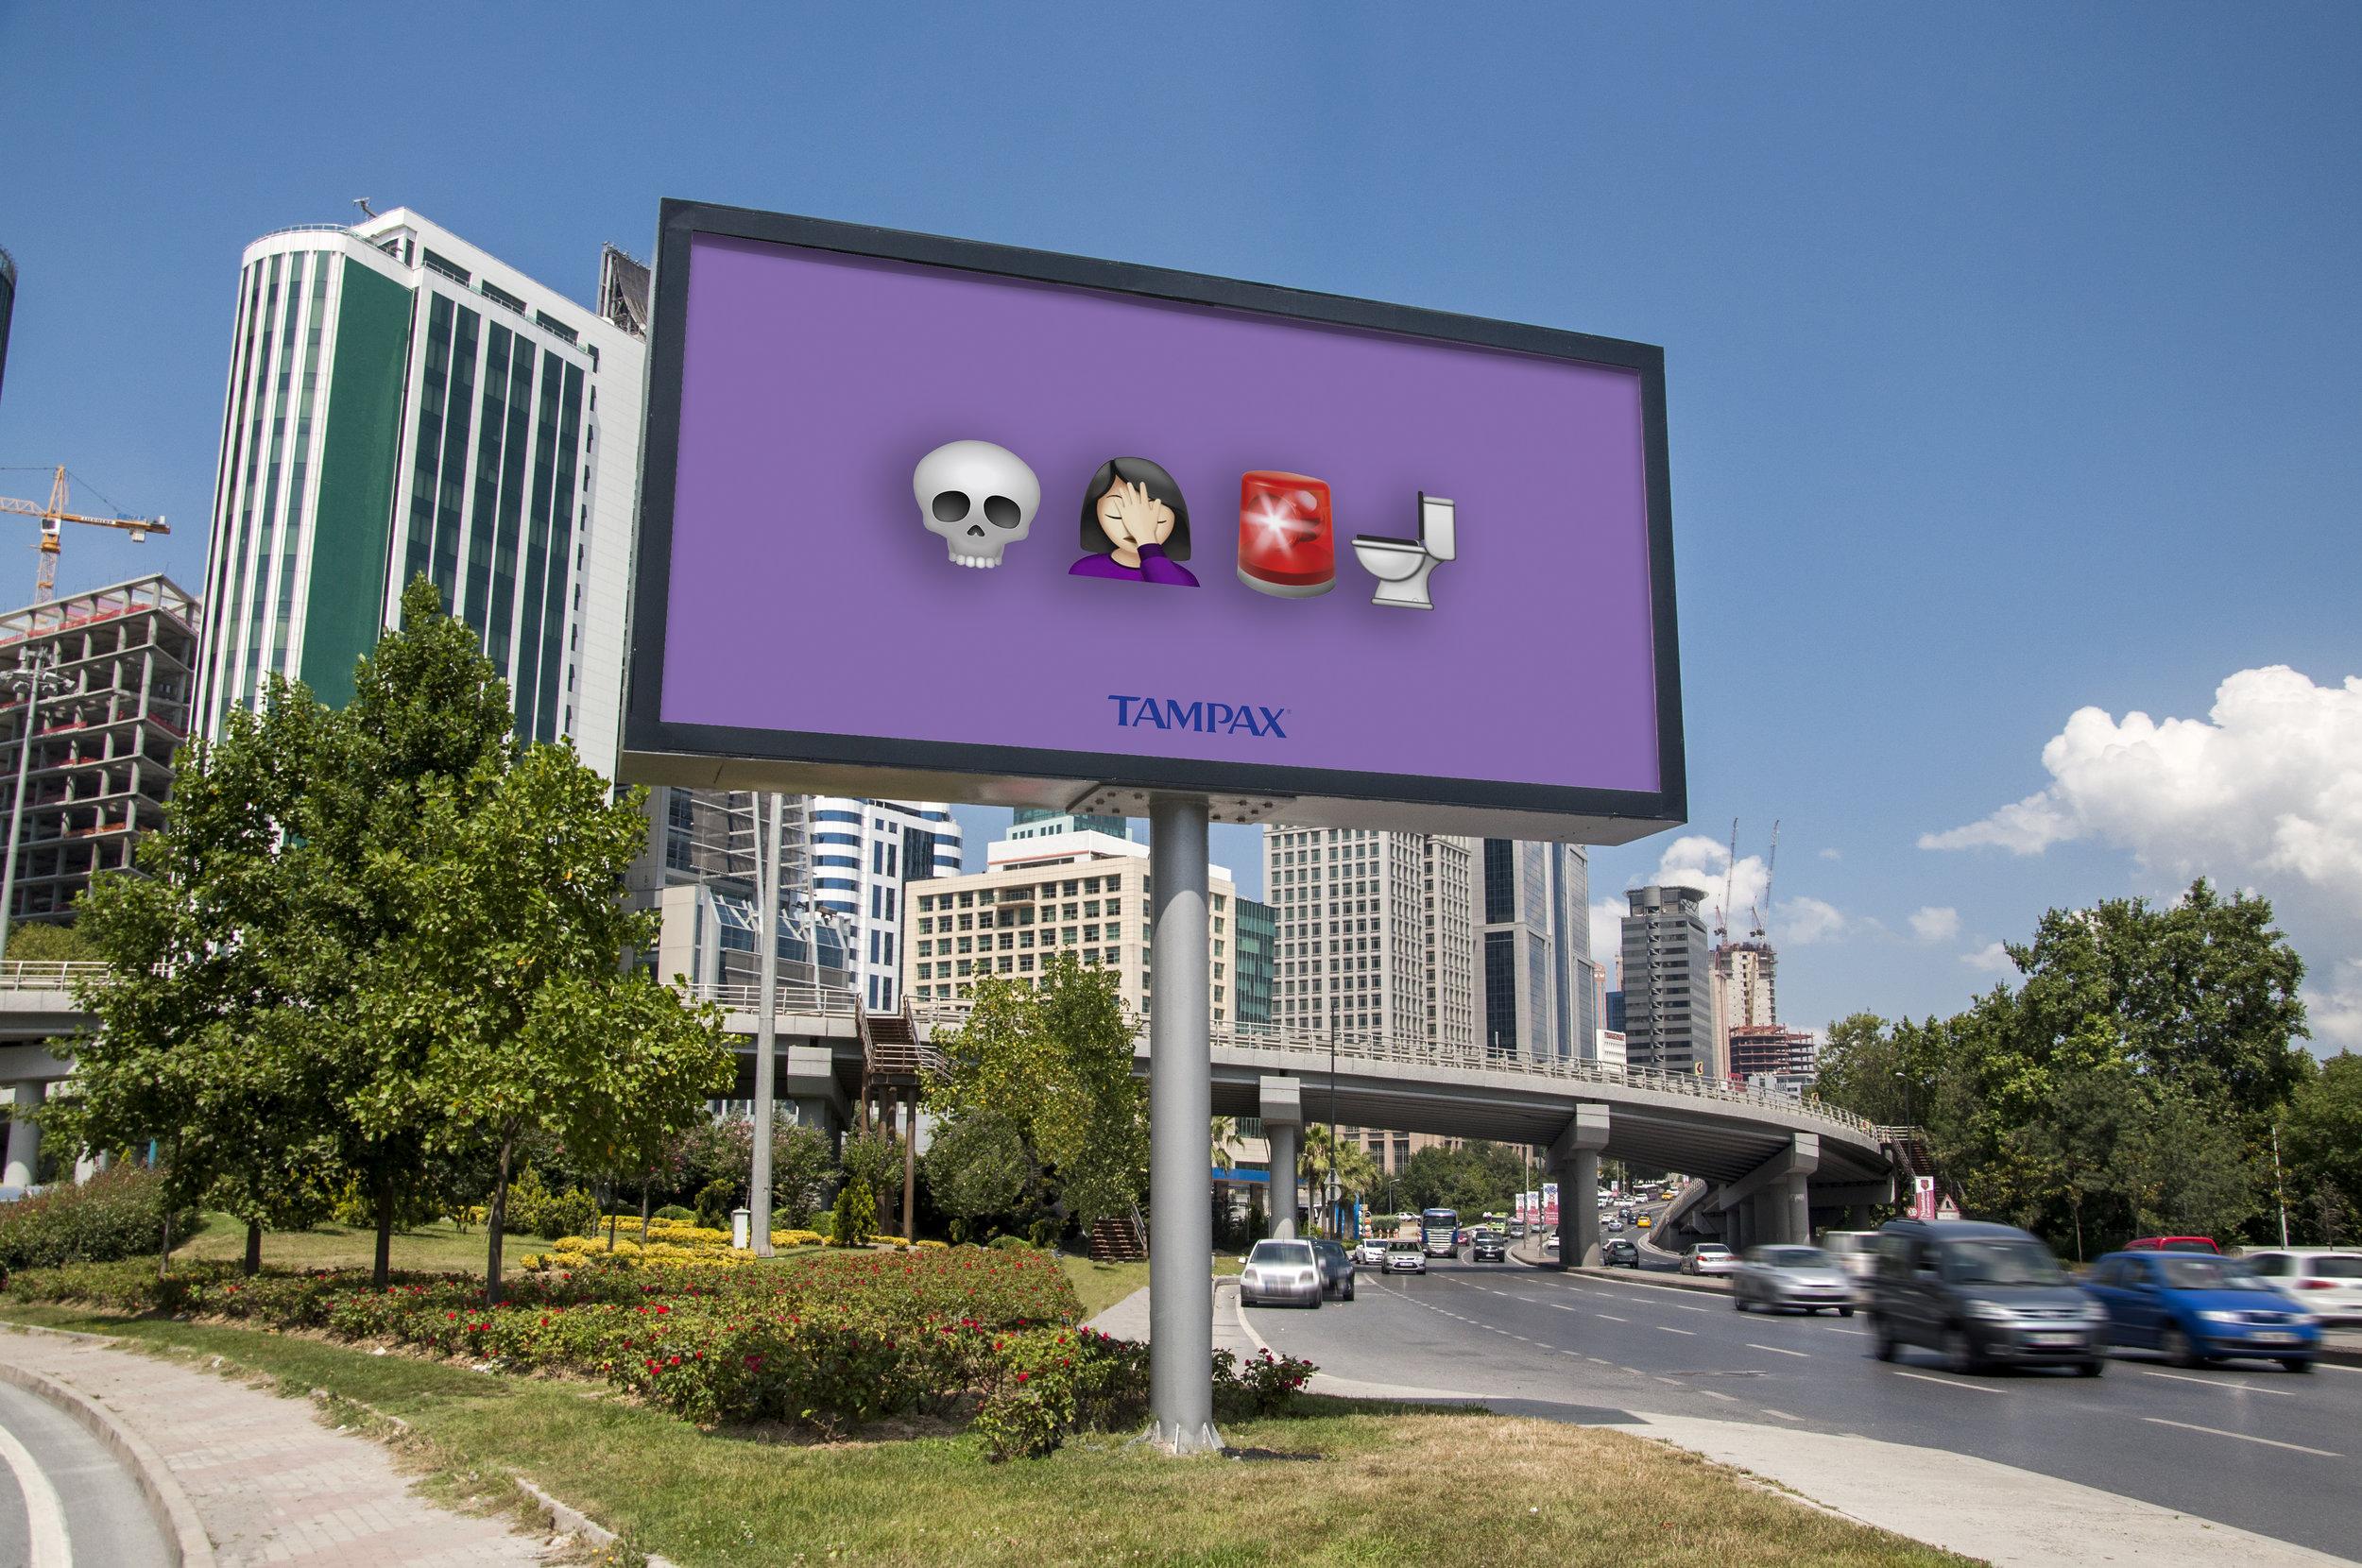 tampax billboard 02.jpg